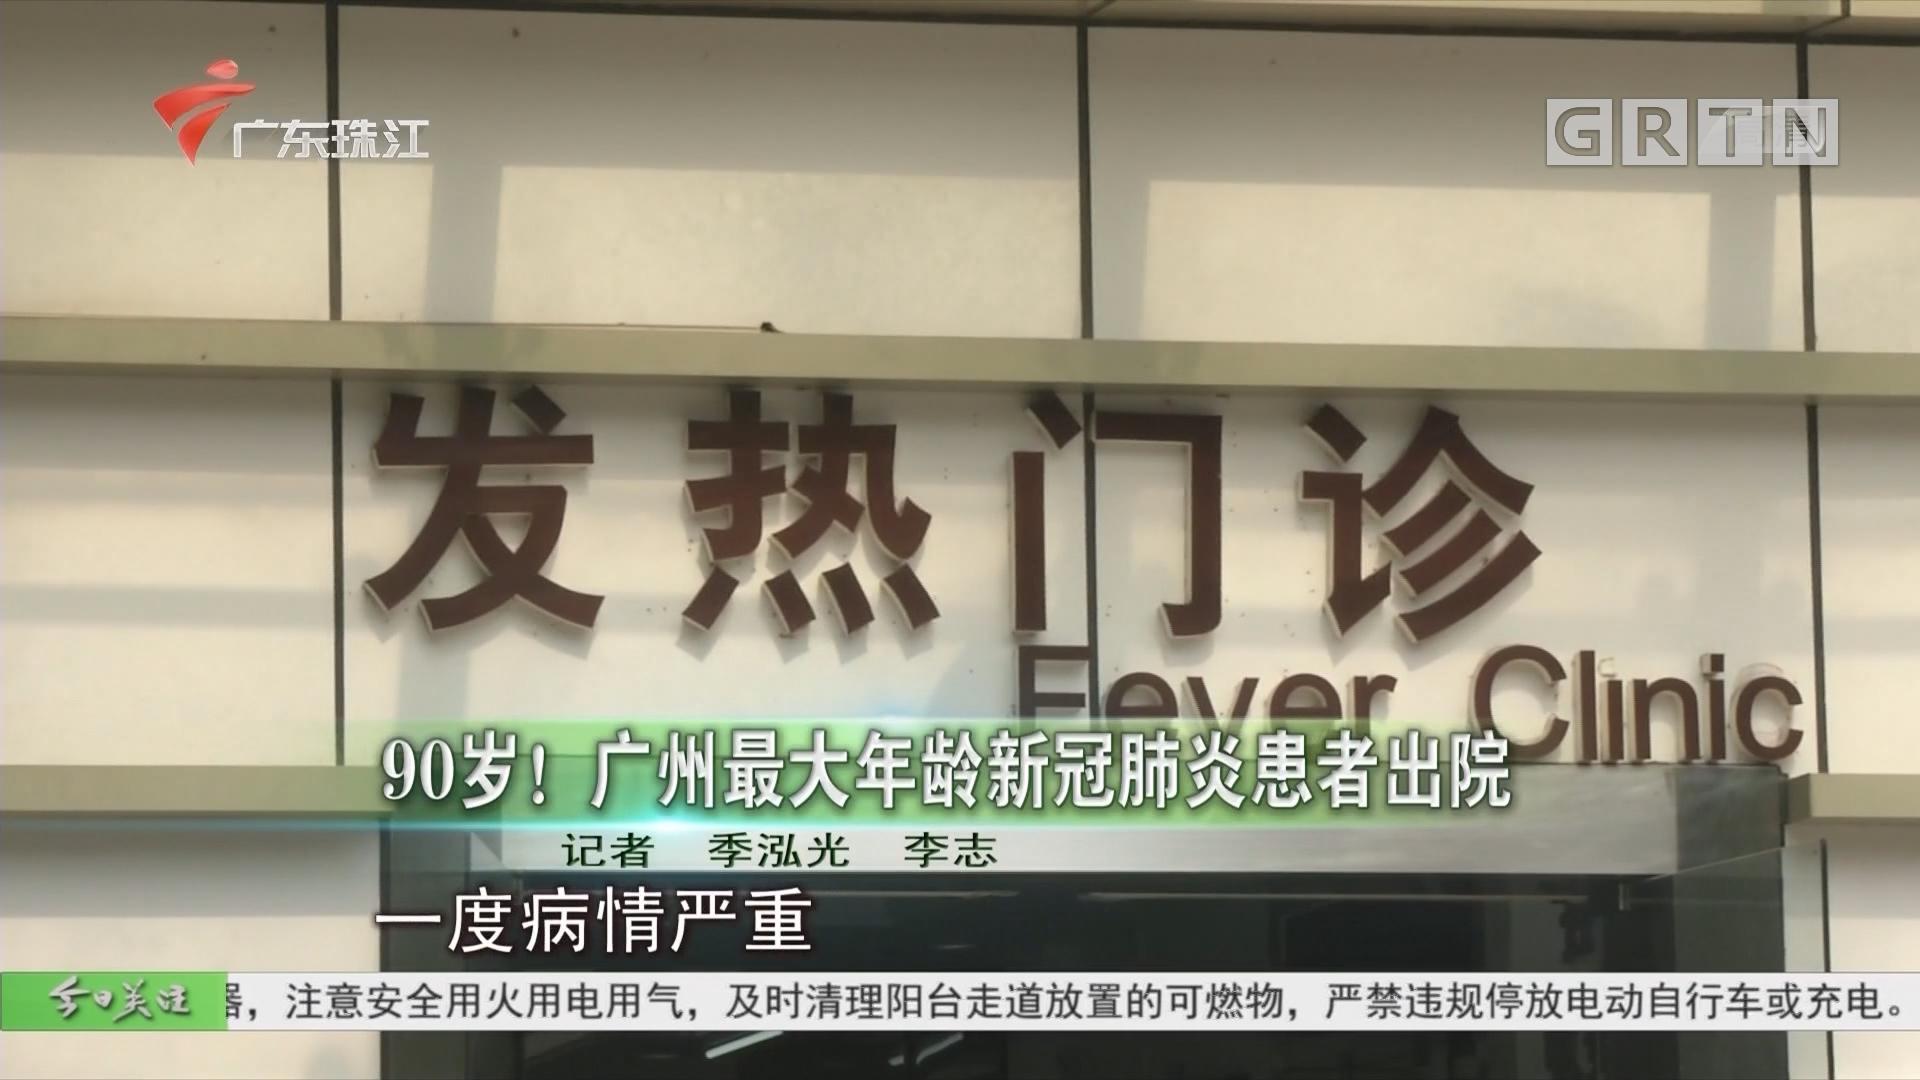 90岁!广州最大年龄新冠肺炎患者出院